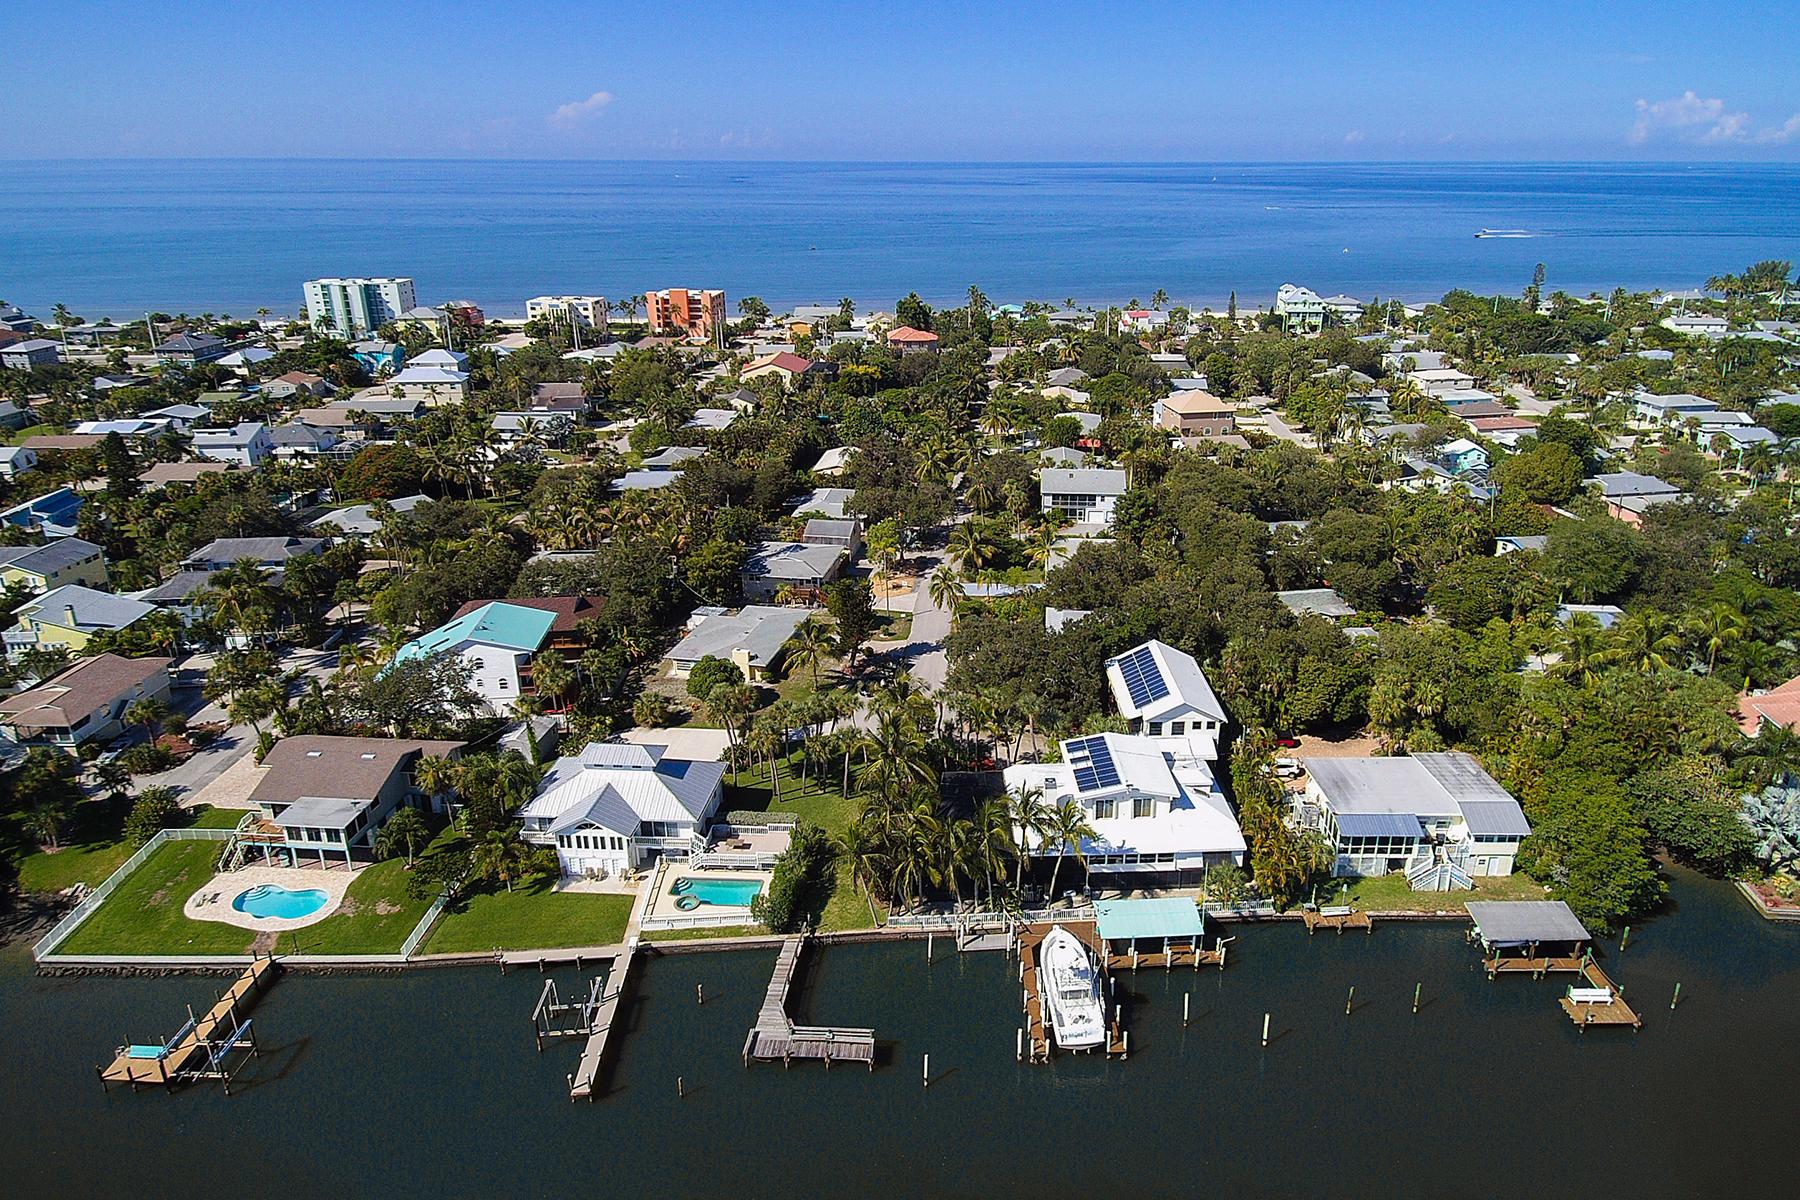 Propriété à vendre Fort Myers Beach